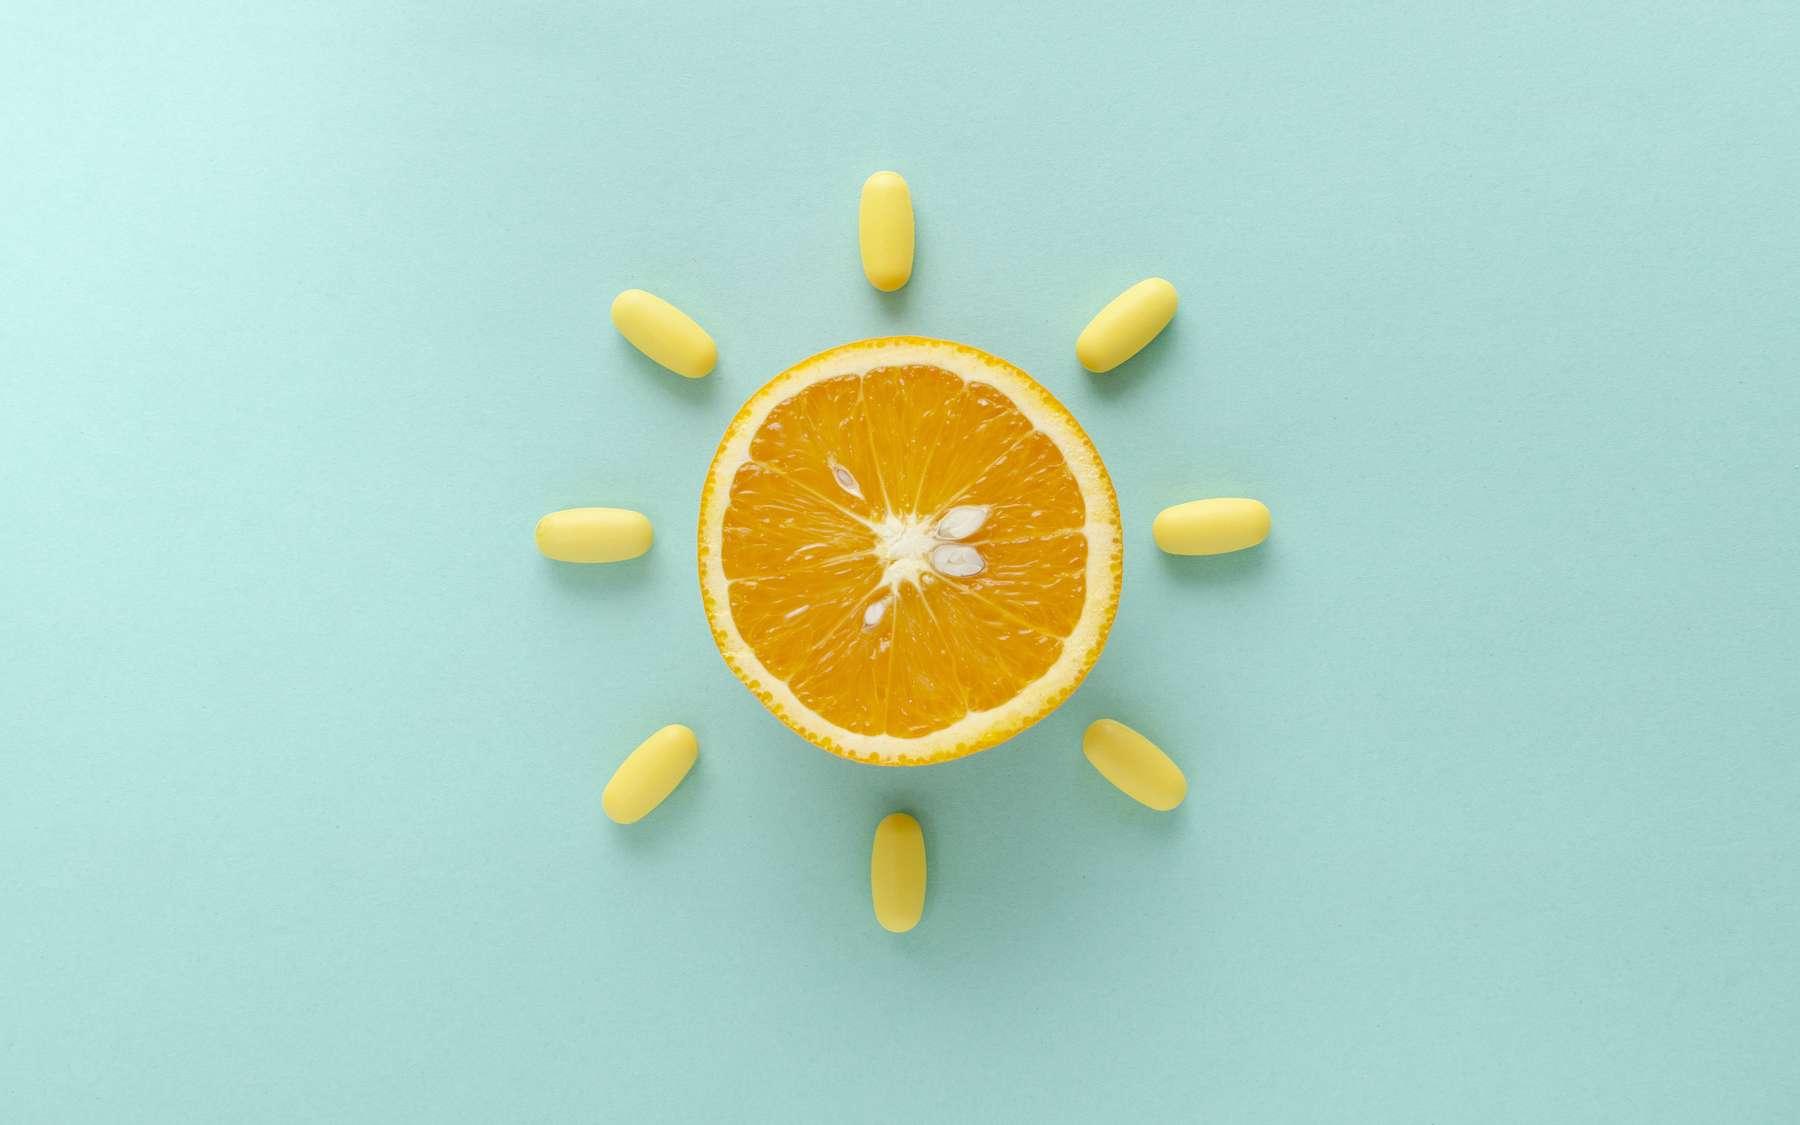 La vitamine C se trouve naturellement dans les agrumes. © uaPieceofCake, Adobe Stock